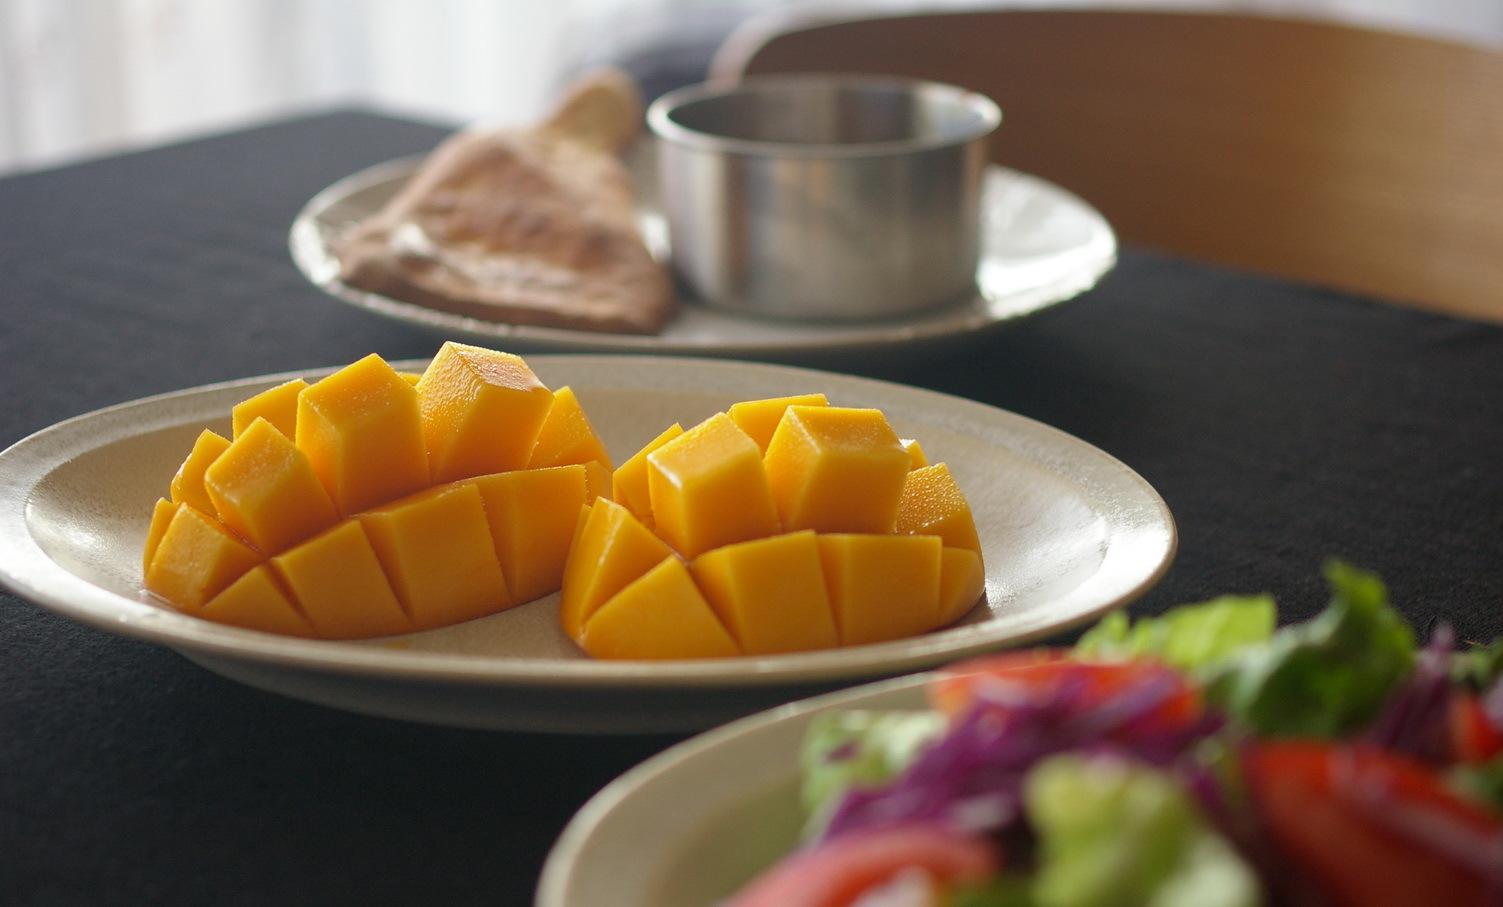 手作りナンと豚バラスパイスカレー:料理教室再開に向けて_d0327373_18553710.jpg